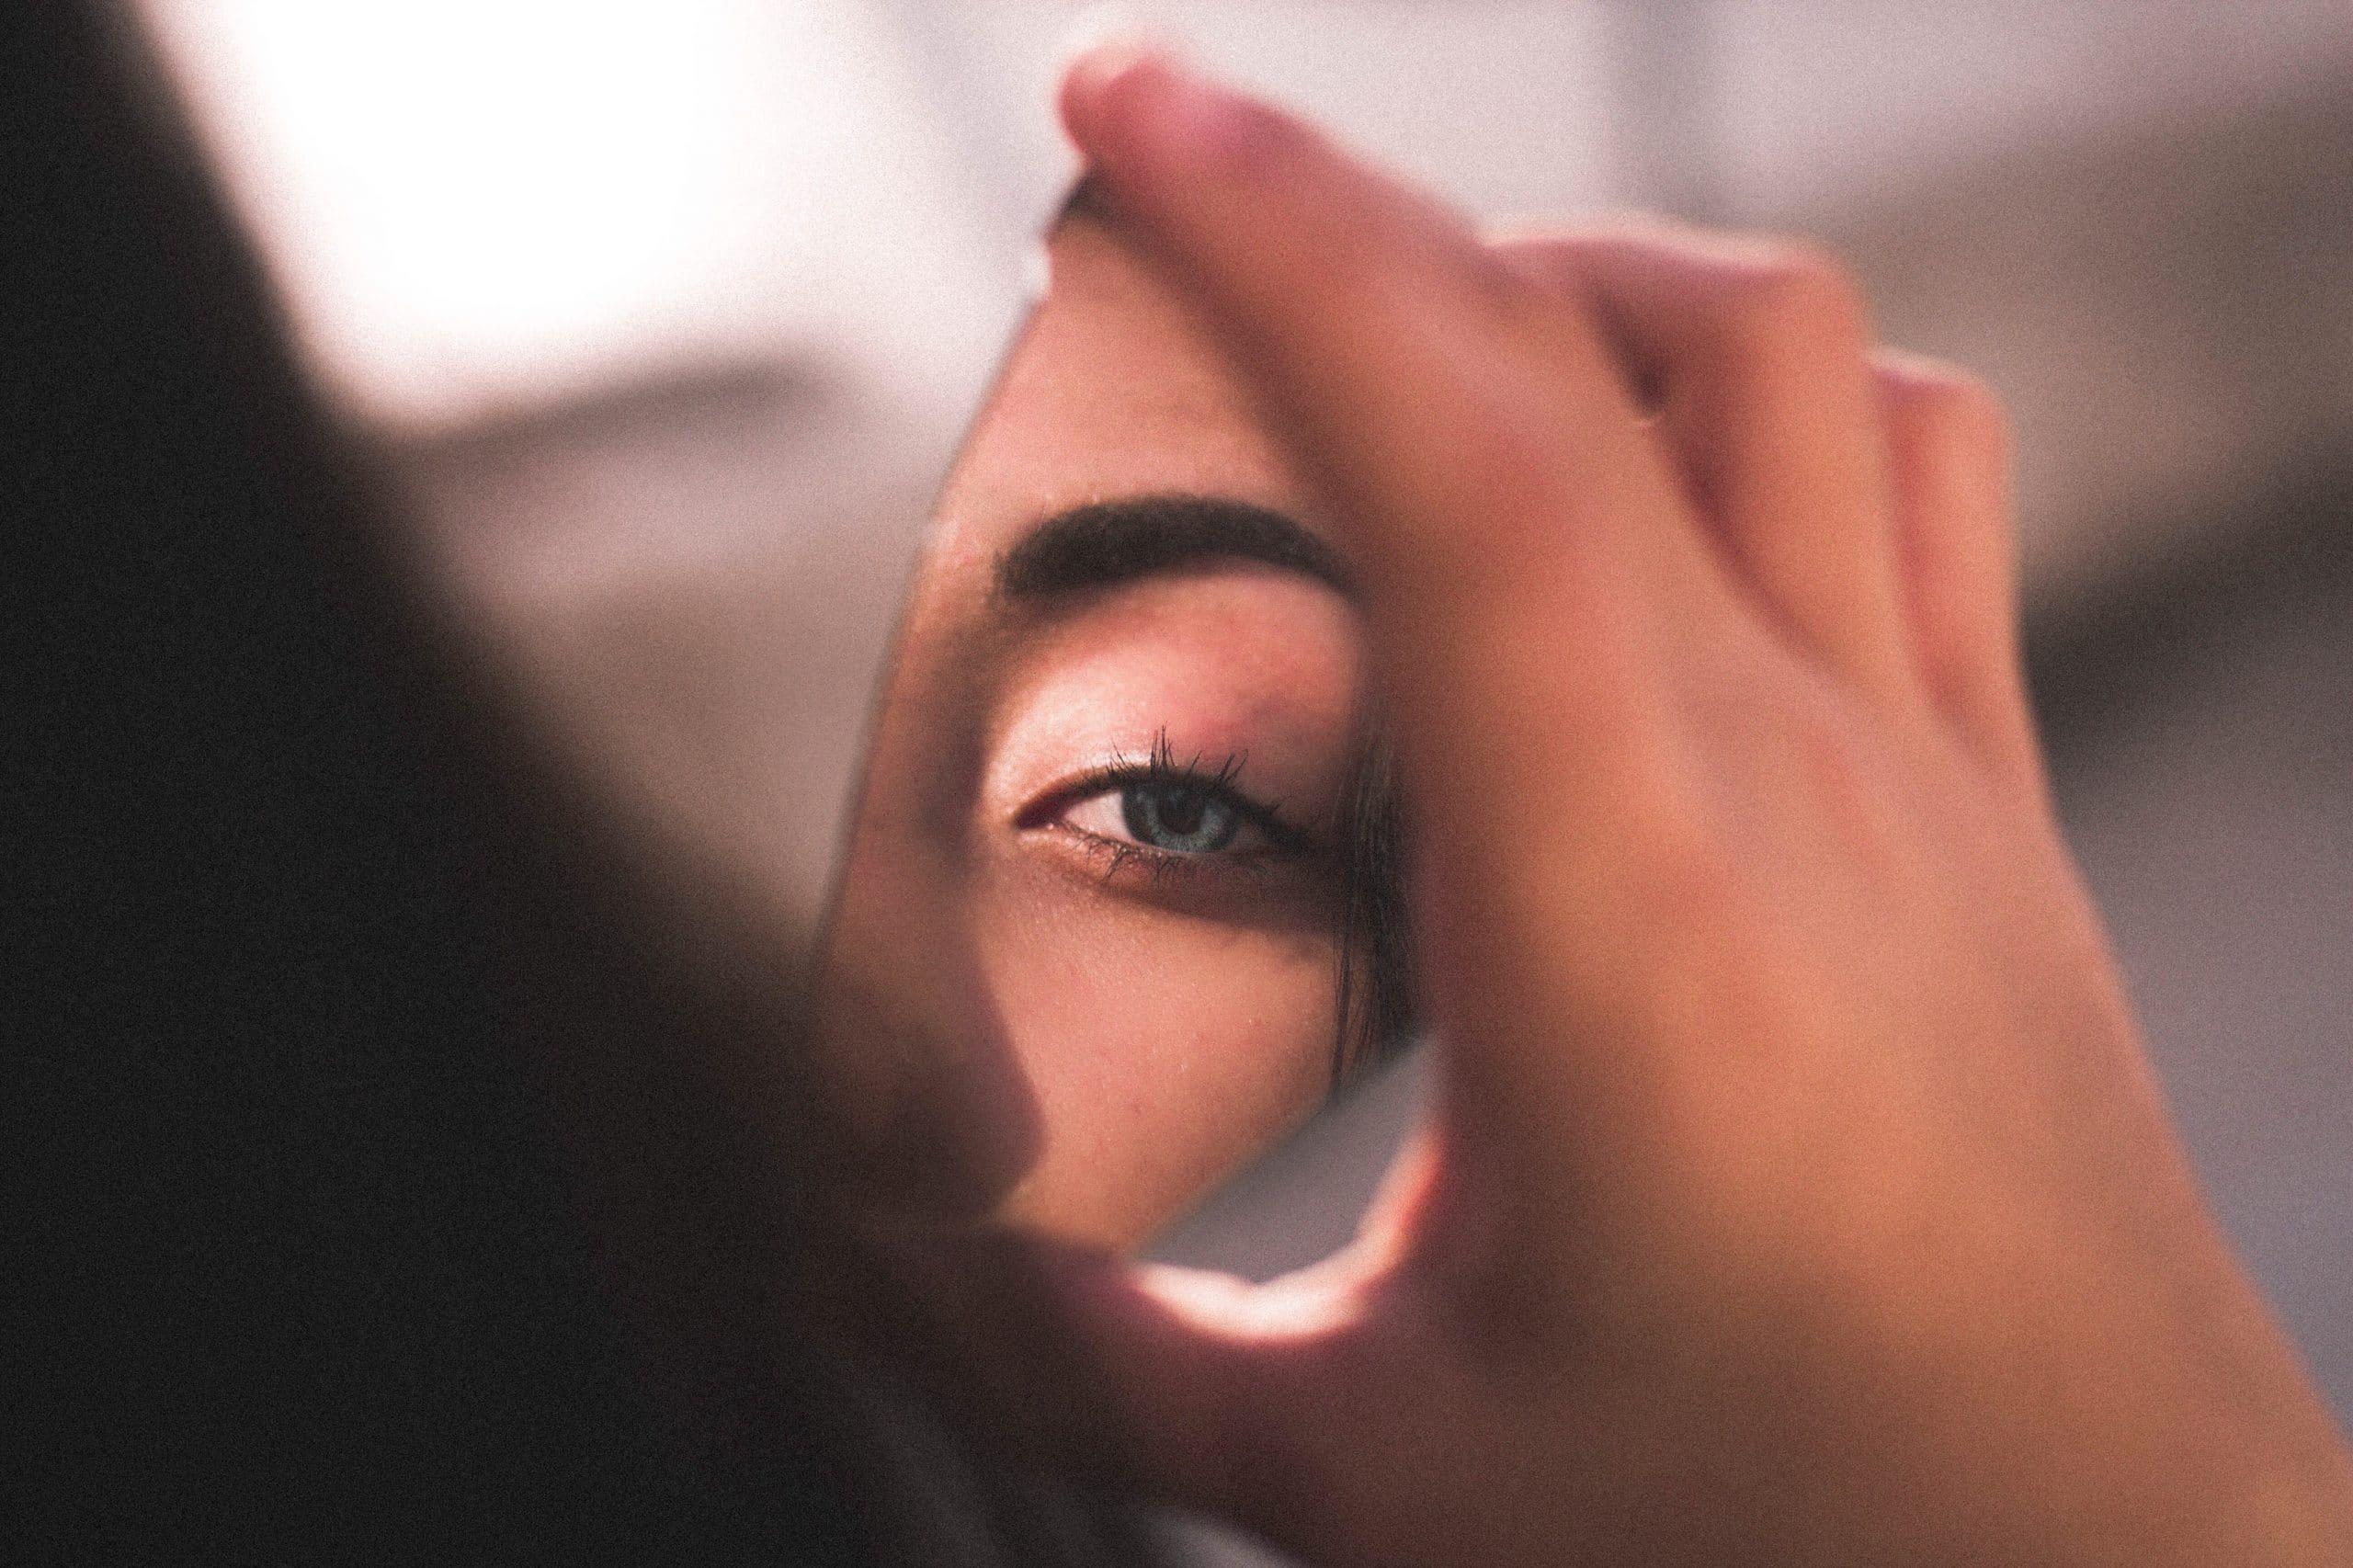 Olho sendo refletido em pedaço de espelho que ela segura